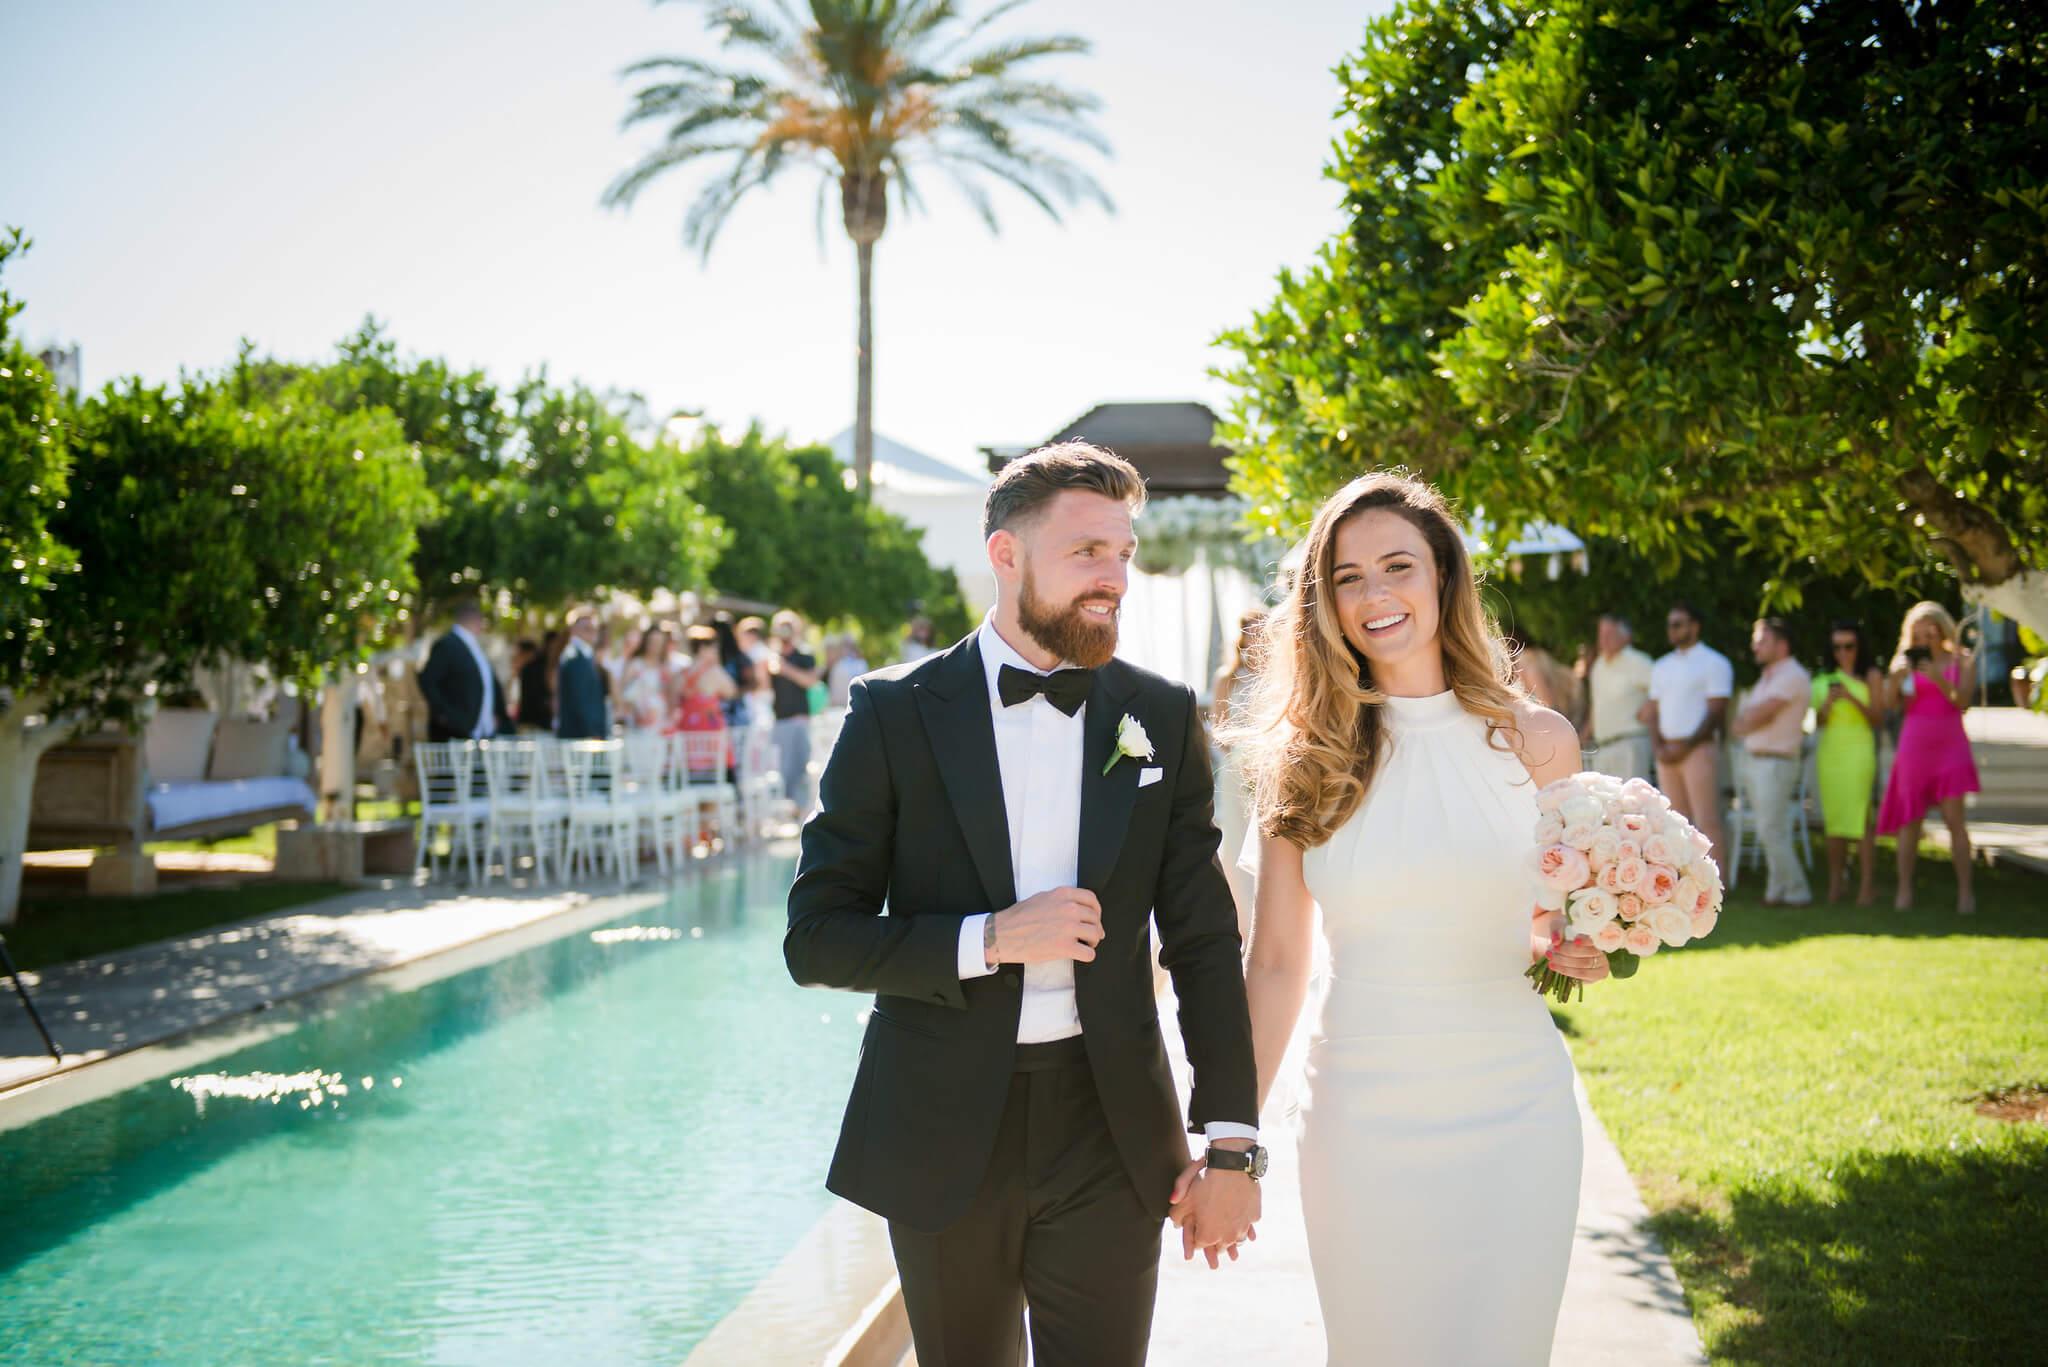 https://www.white-ibiza.com/wp-content/uploads/2020/03/ibiza-wedding-photographer-gypsy-westwood-2020-01.jpg